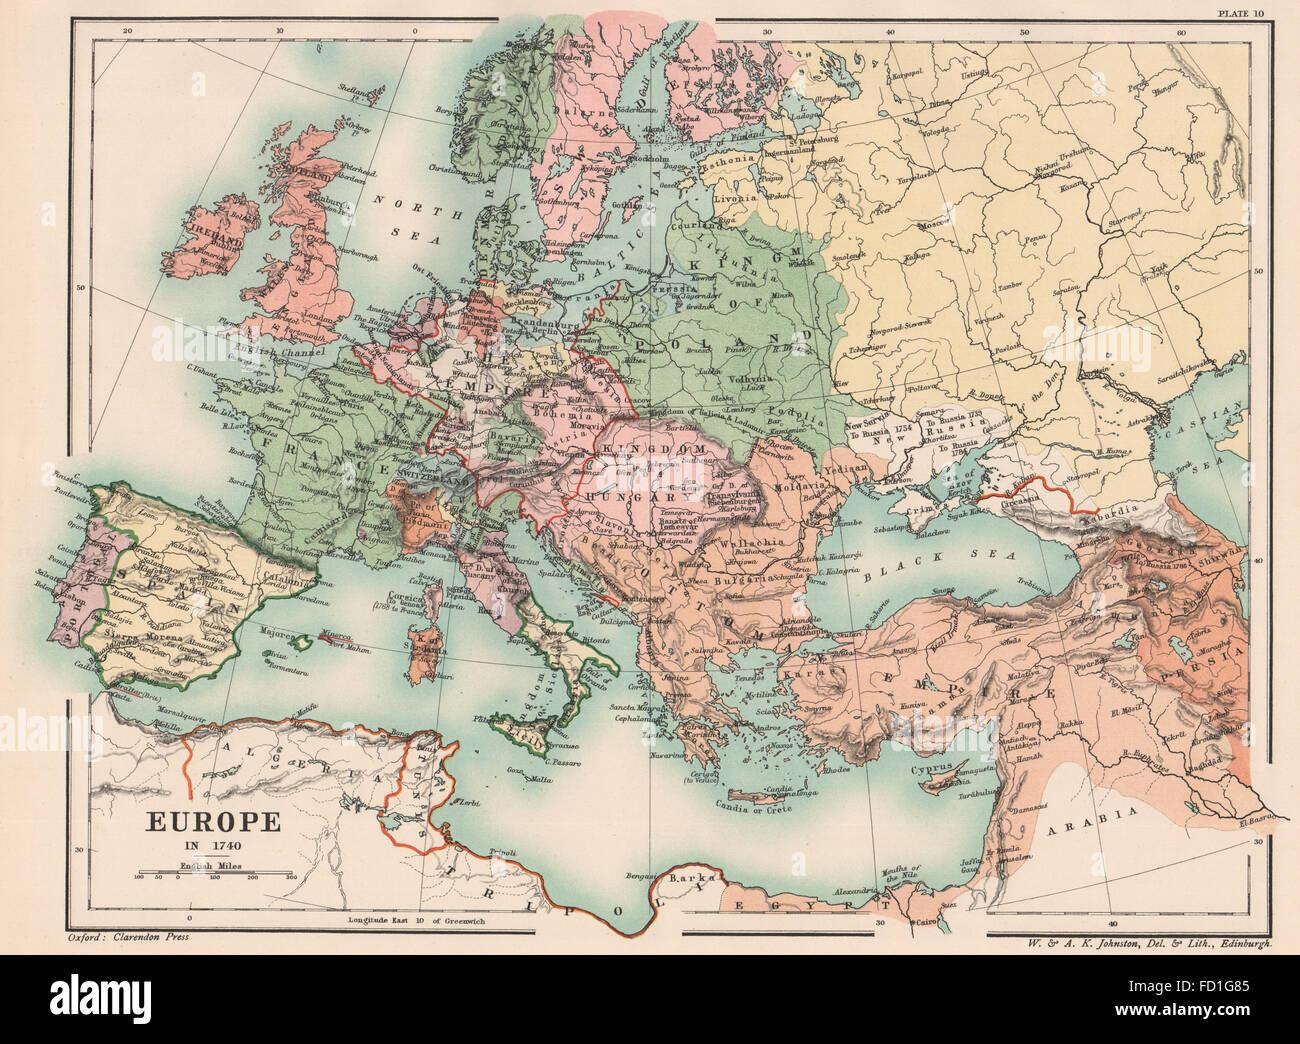 Heiliges Römisches Reich Karte.Europa In 1740 Frankreich England Heiliges Römisches Reich Spanien